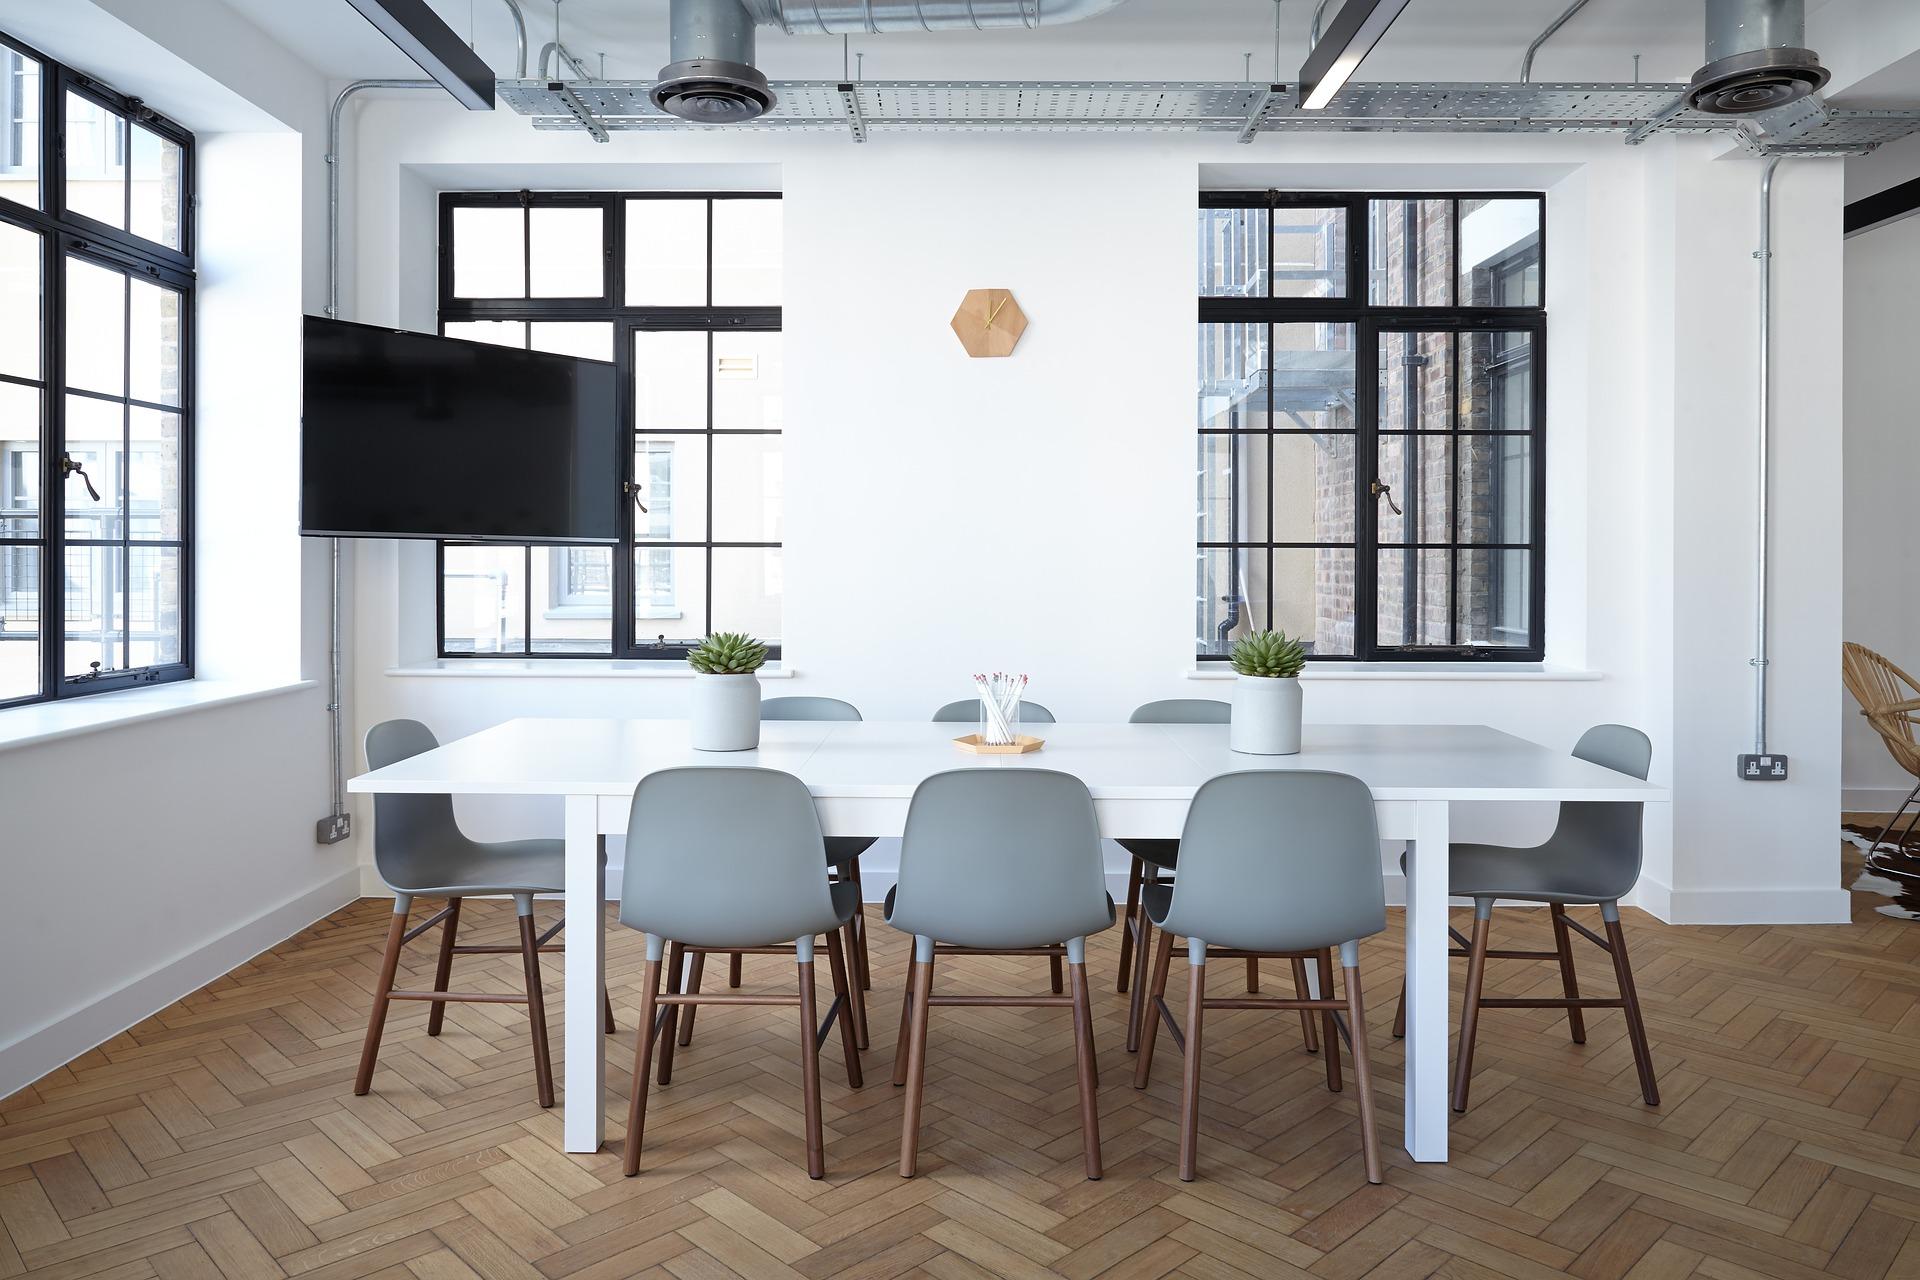 איך לשדרג את ציוד המשרד שלכם?